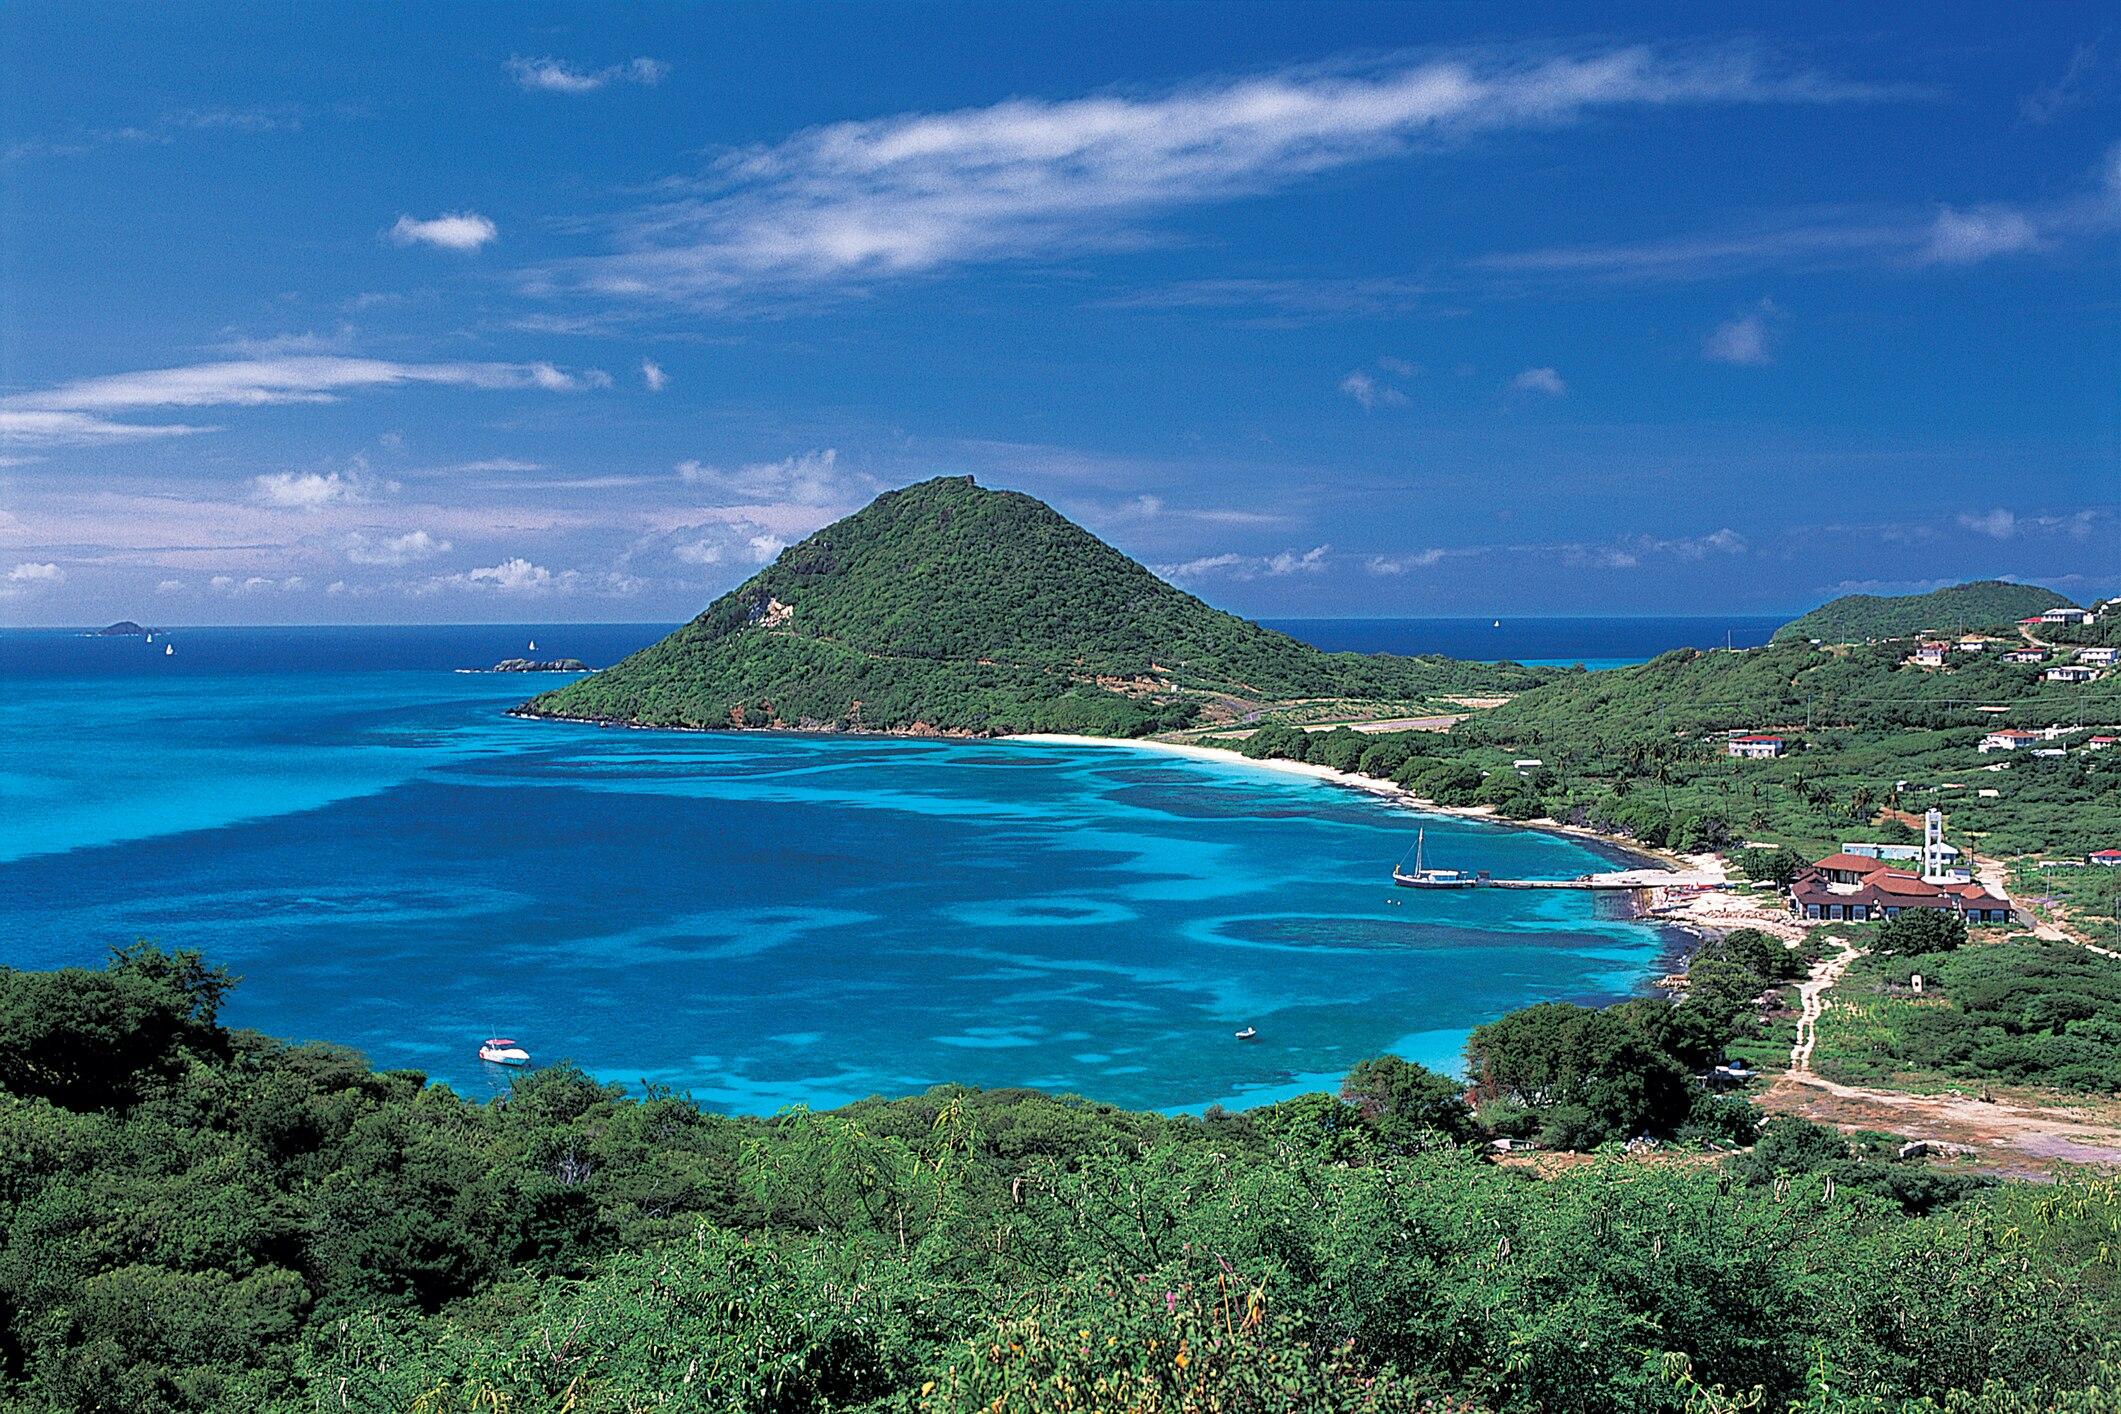 Weniger bekannte Inseln der Karibik: Canouan